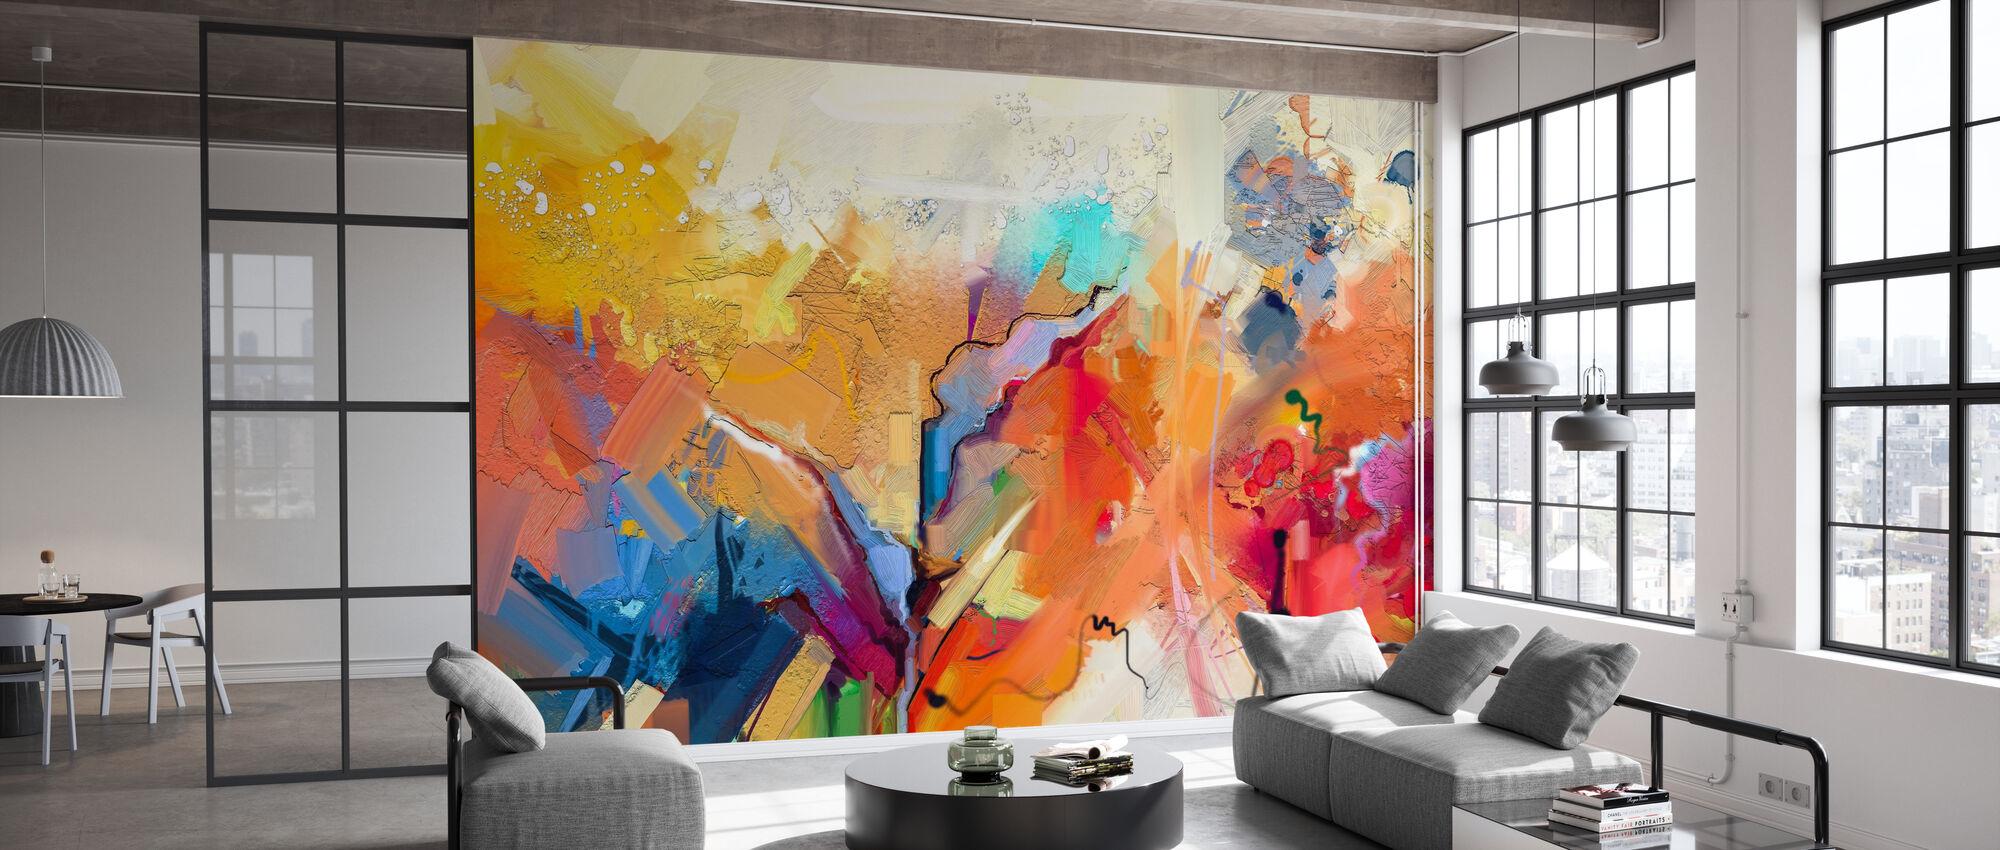 Peinture abstraite colorée - Papier peint - Bureau